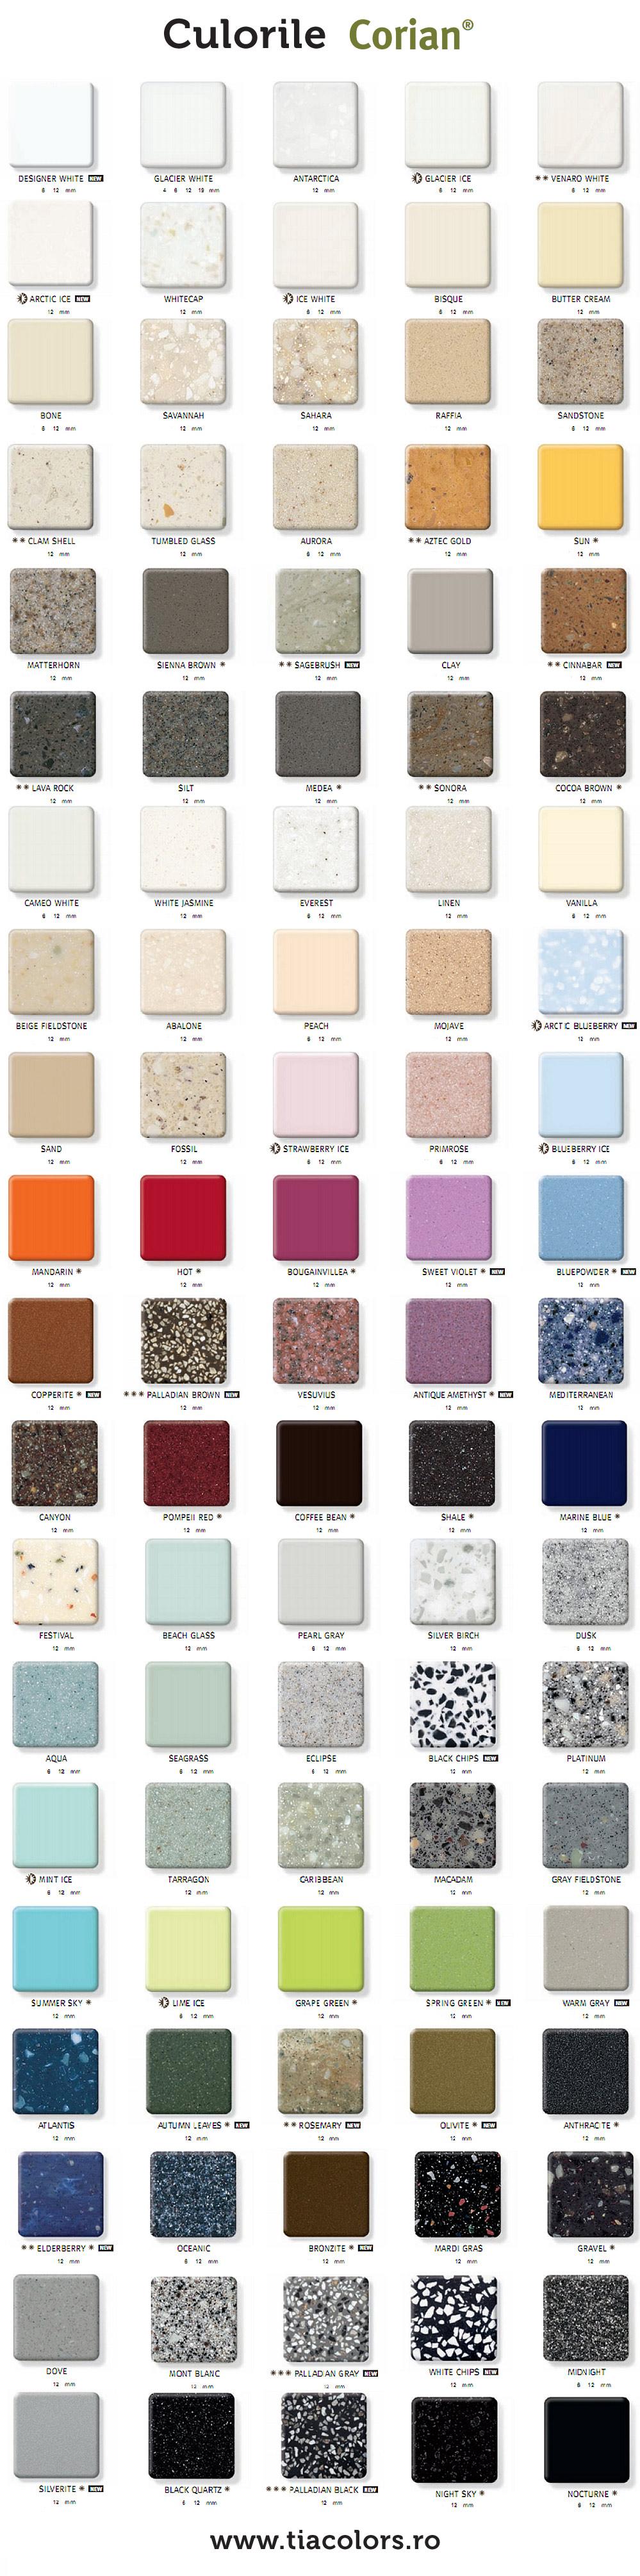 culorile Corian